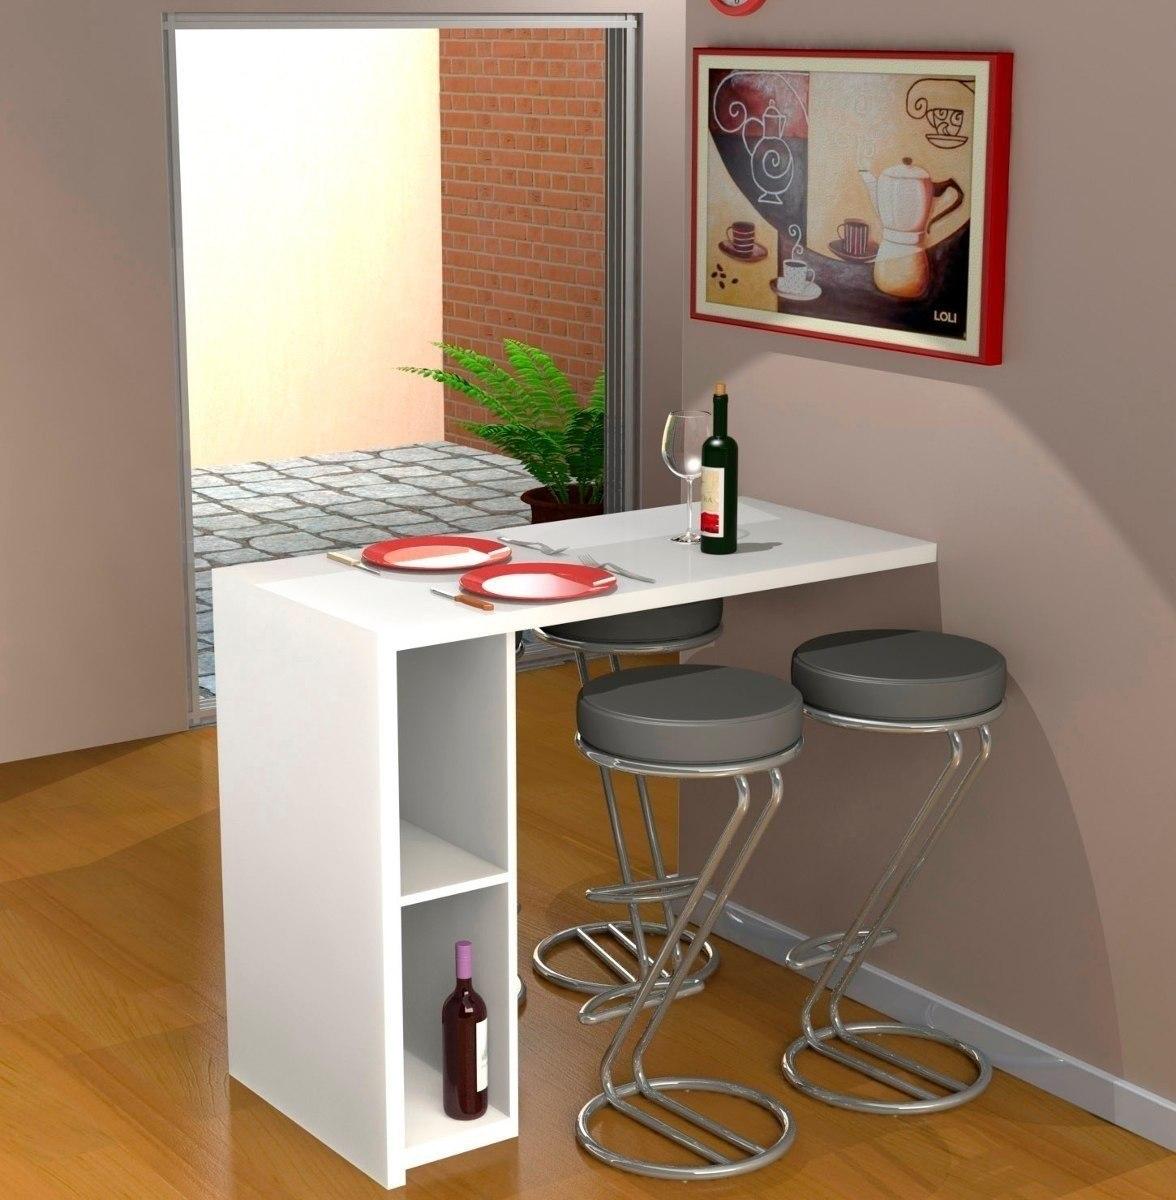 Mesa desayunadora escritorio moderno para cocina oficina bs en mercado libre - Mesa pared cocina ...